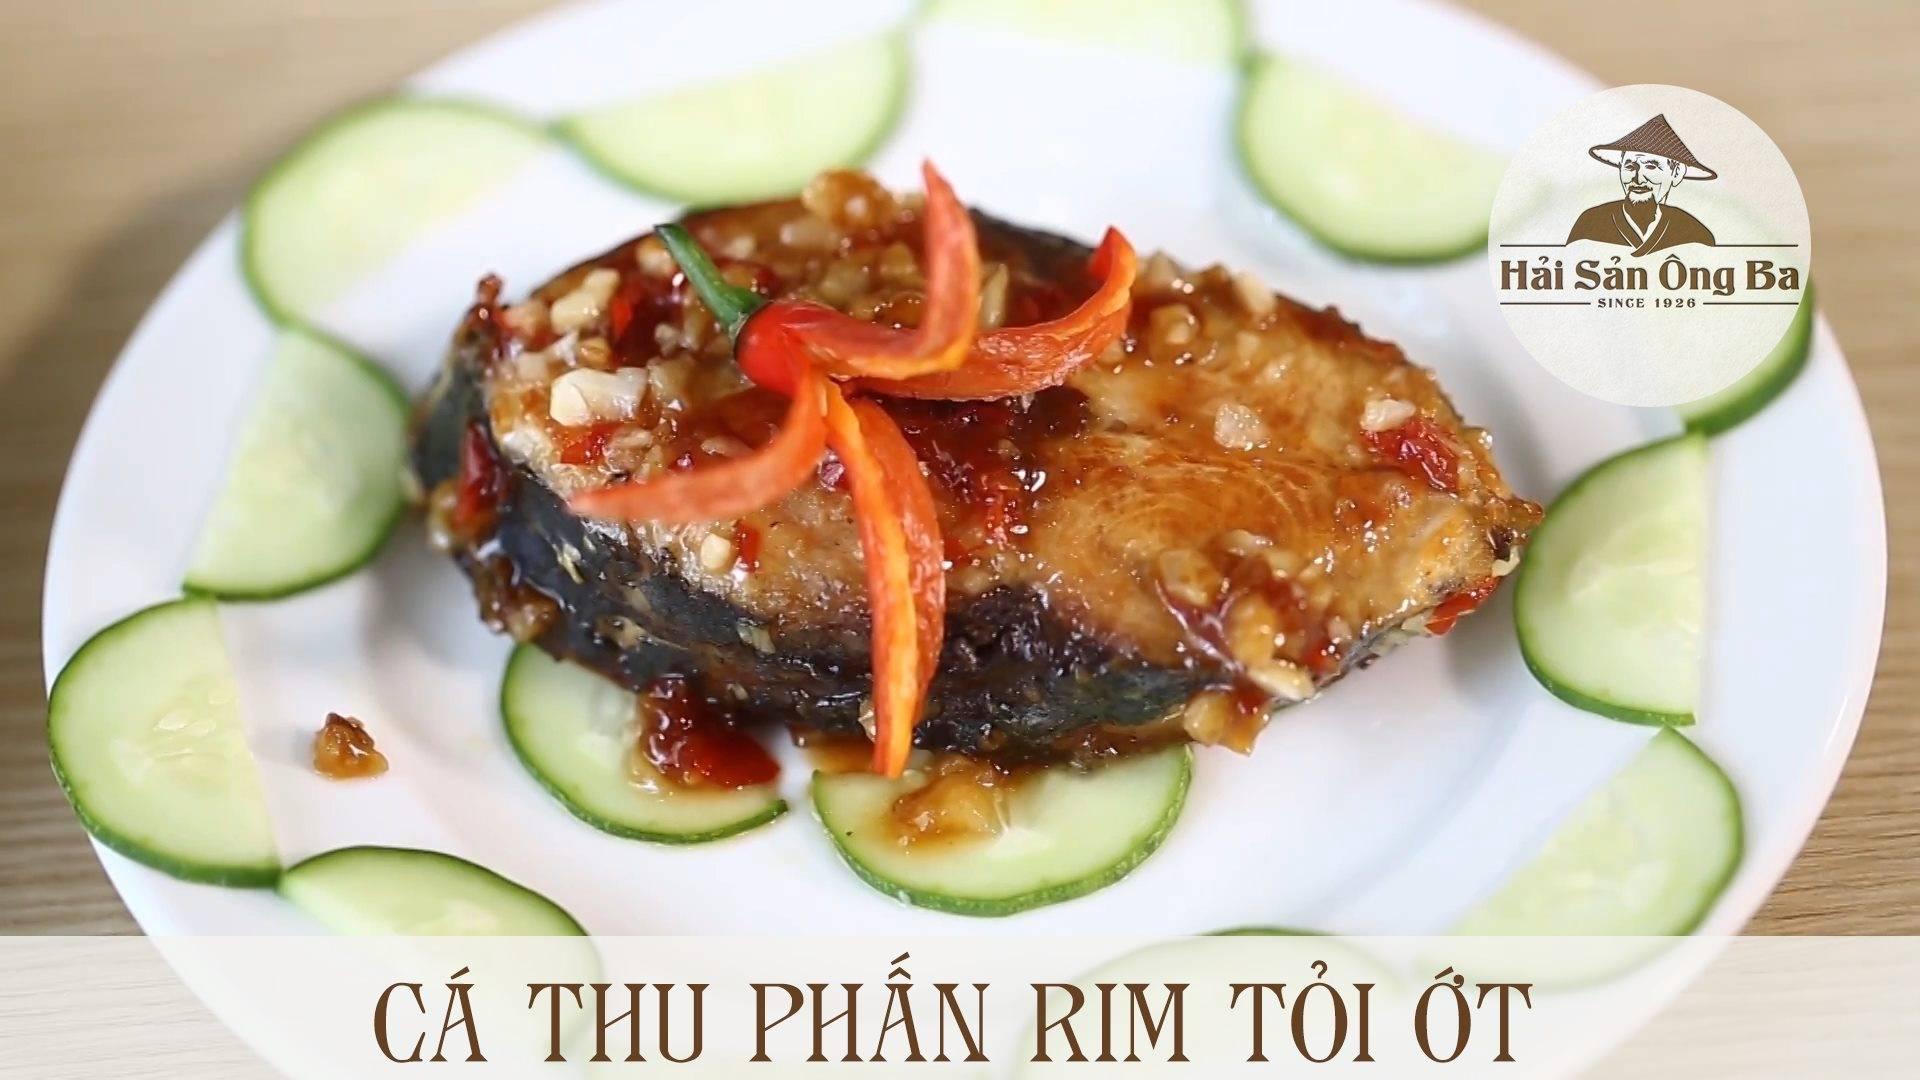 đĩa cá thu rim tỏi ớt trên bàn,